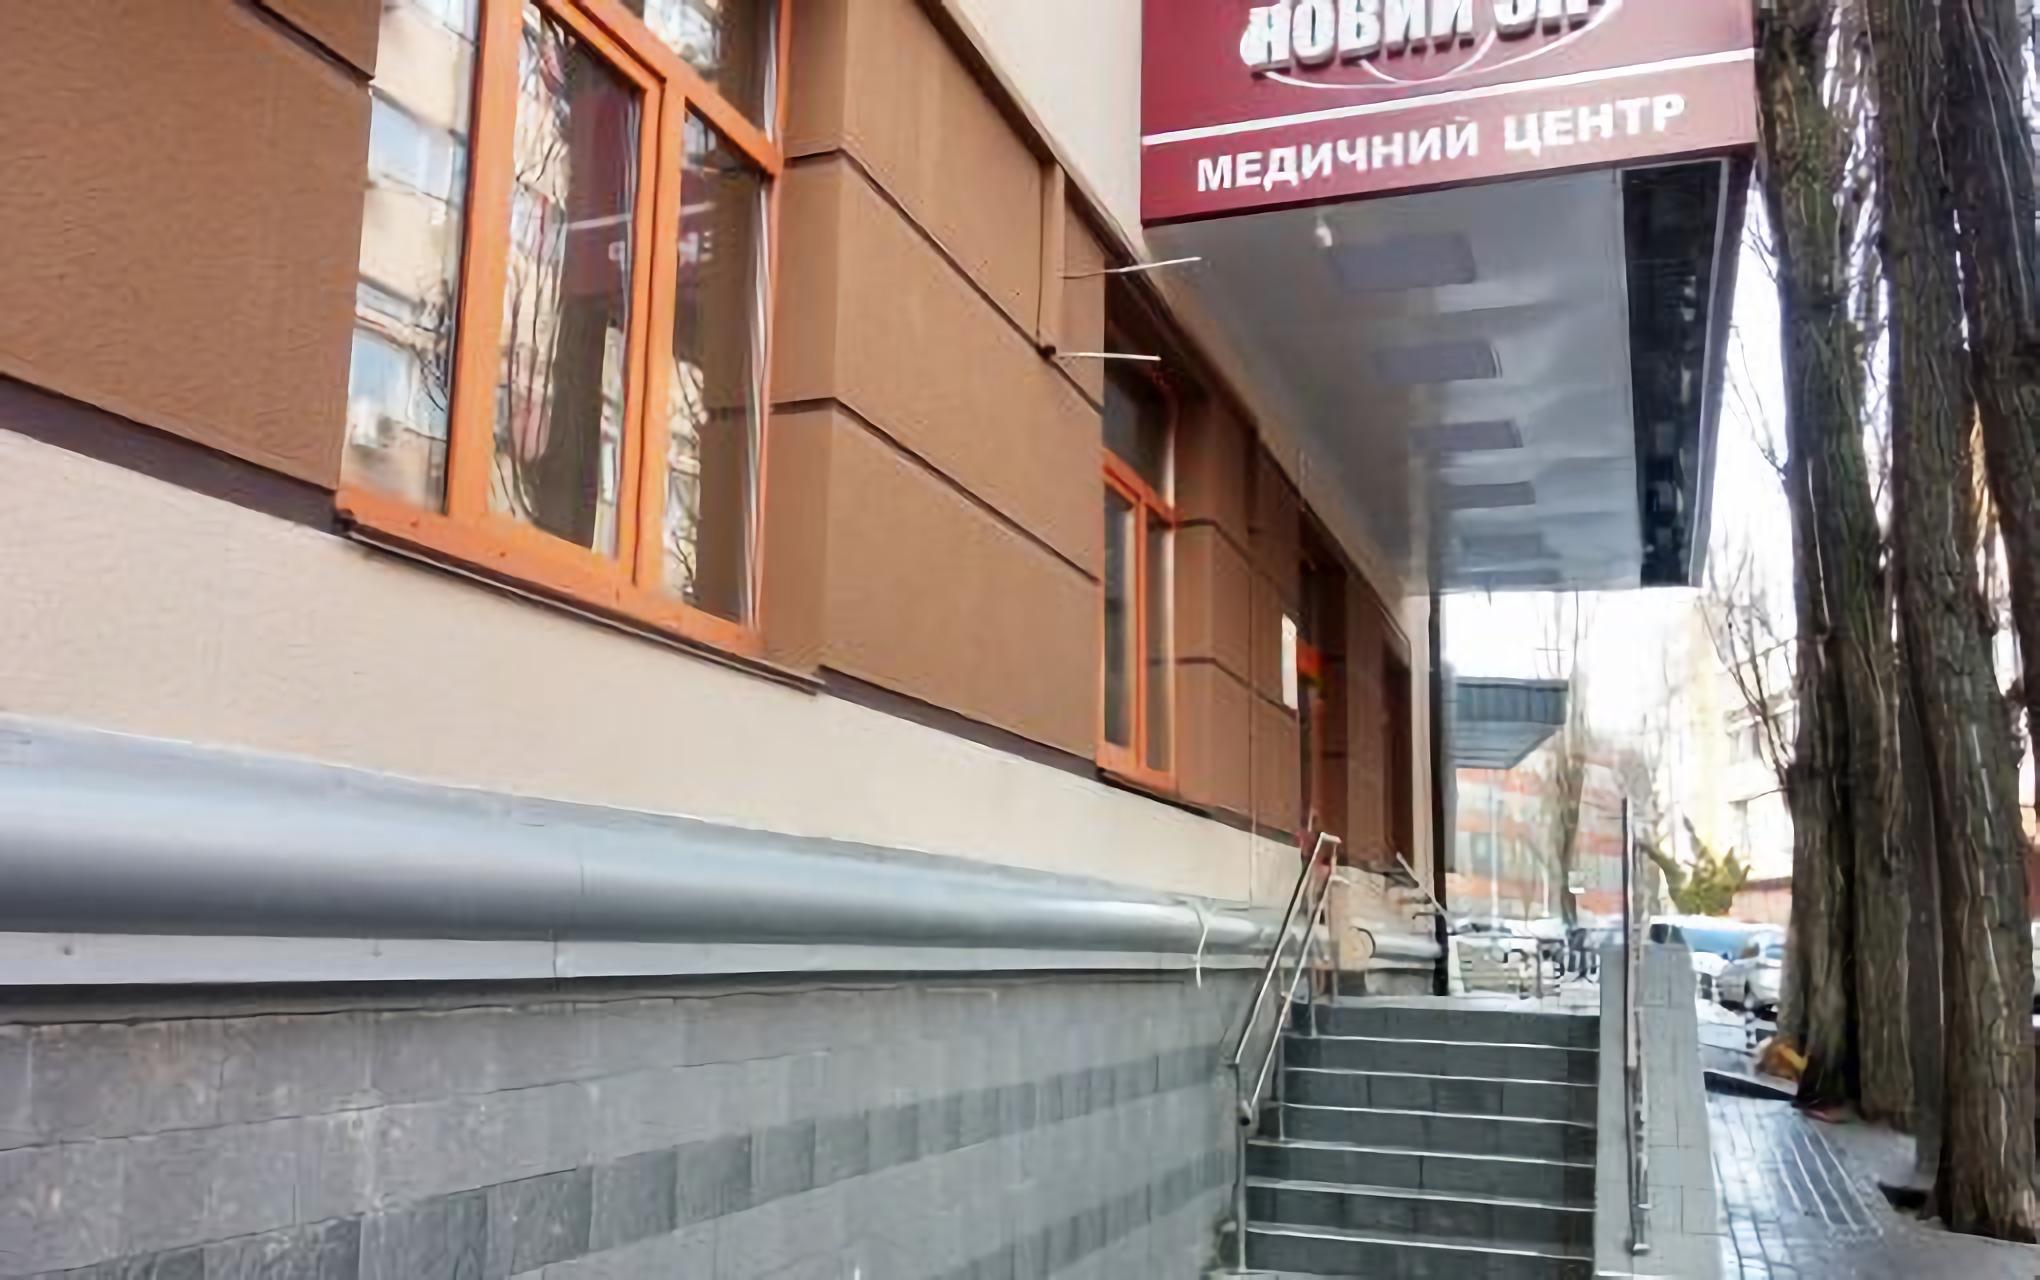 The facade of the building of the Novy Zir Eye Center in Kiev